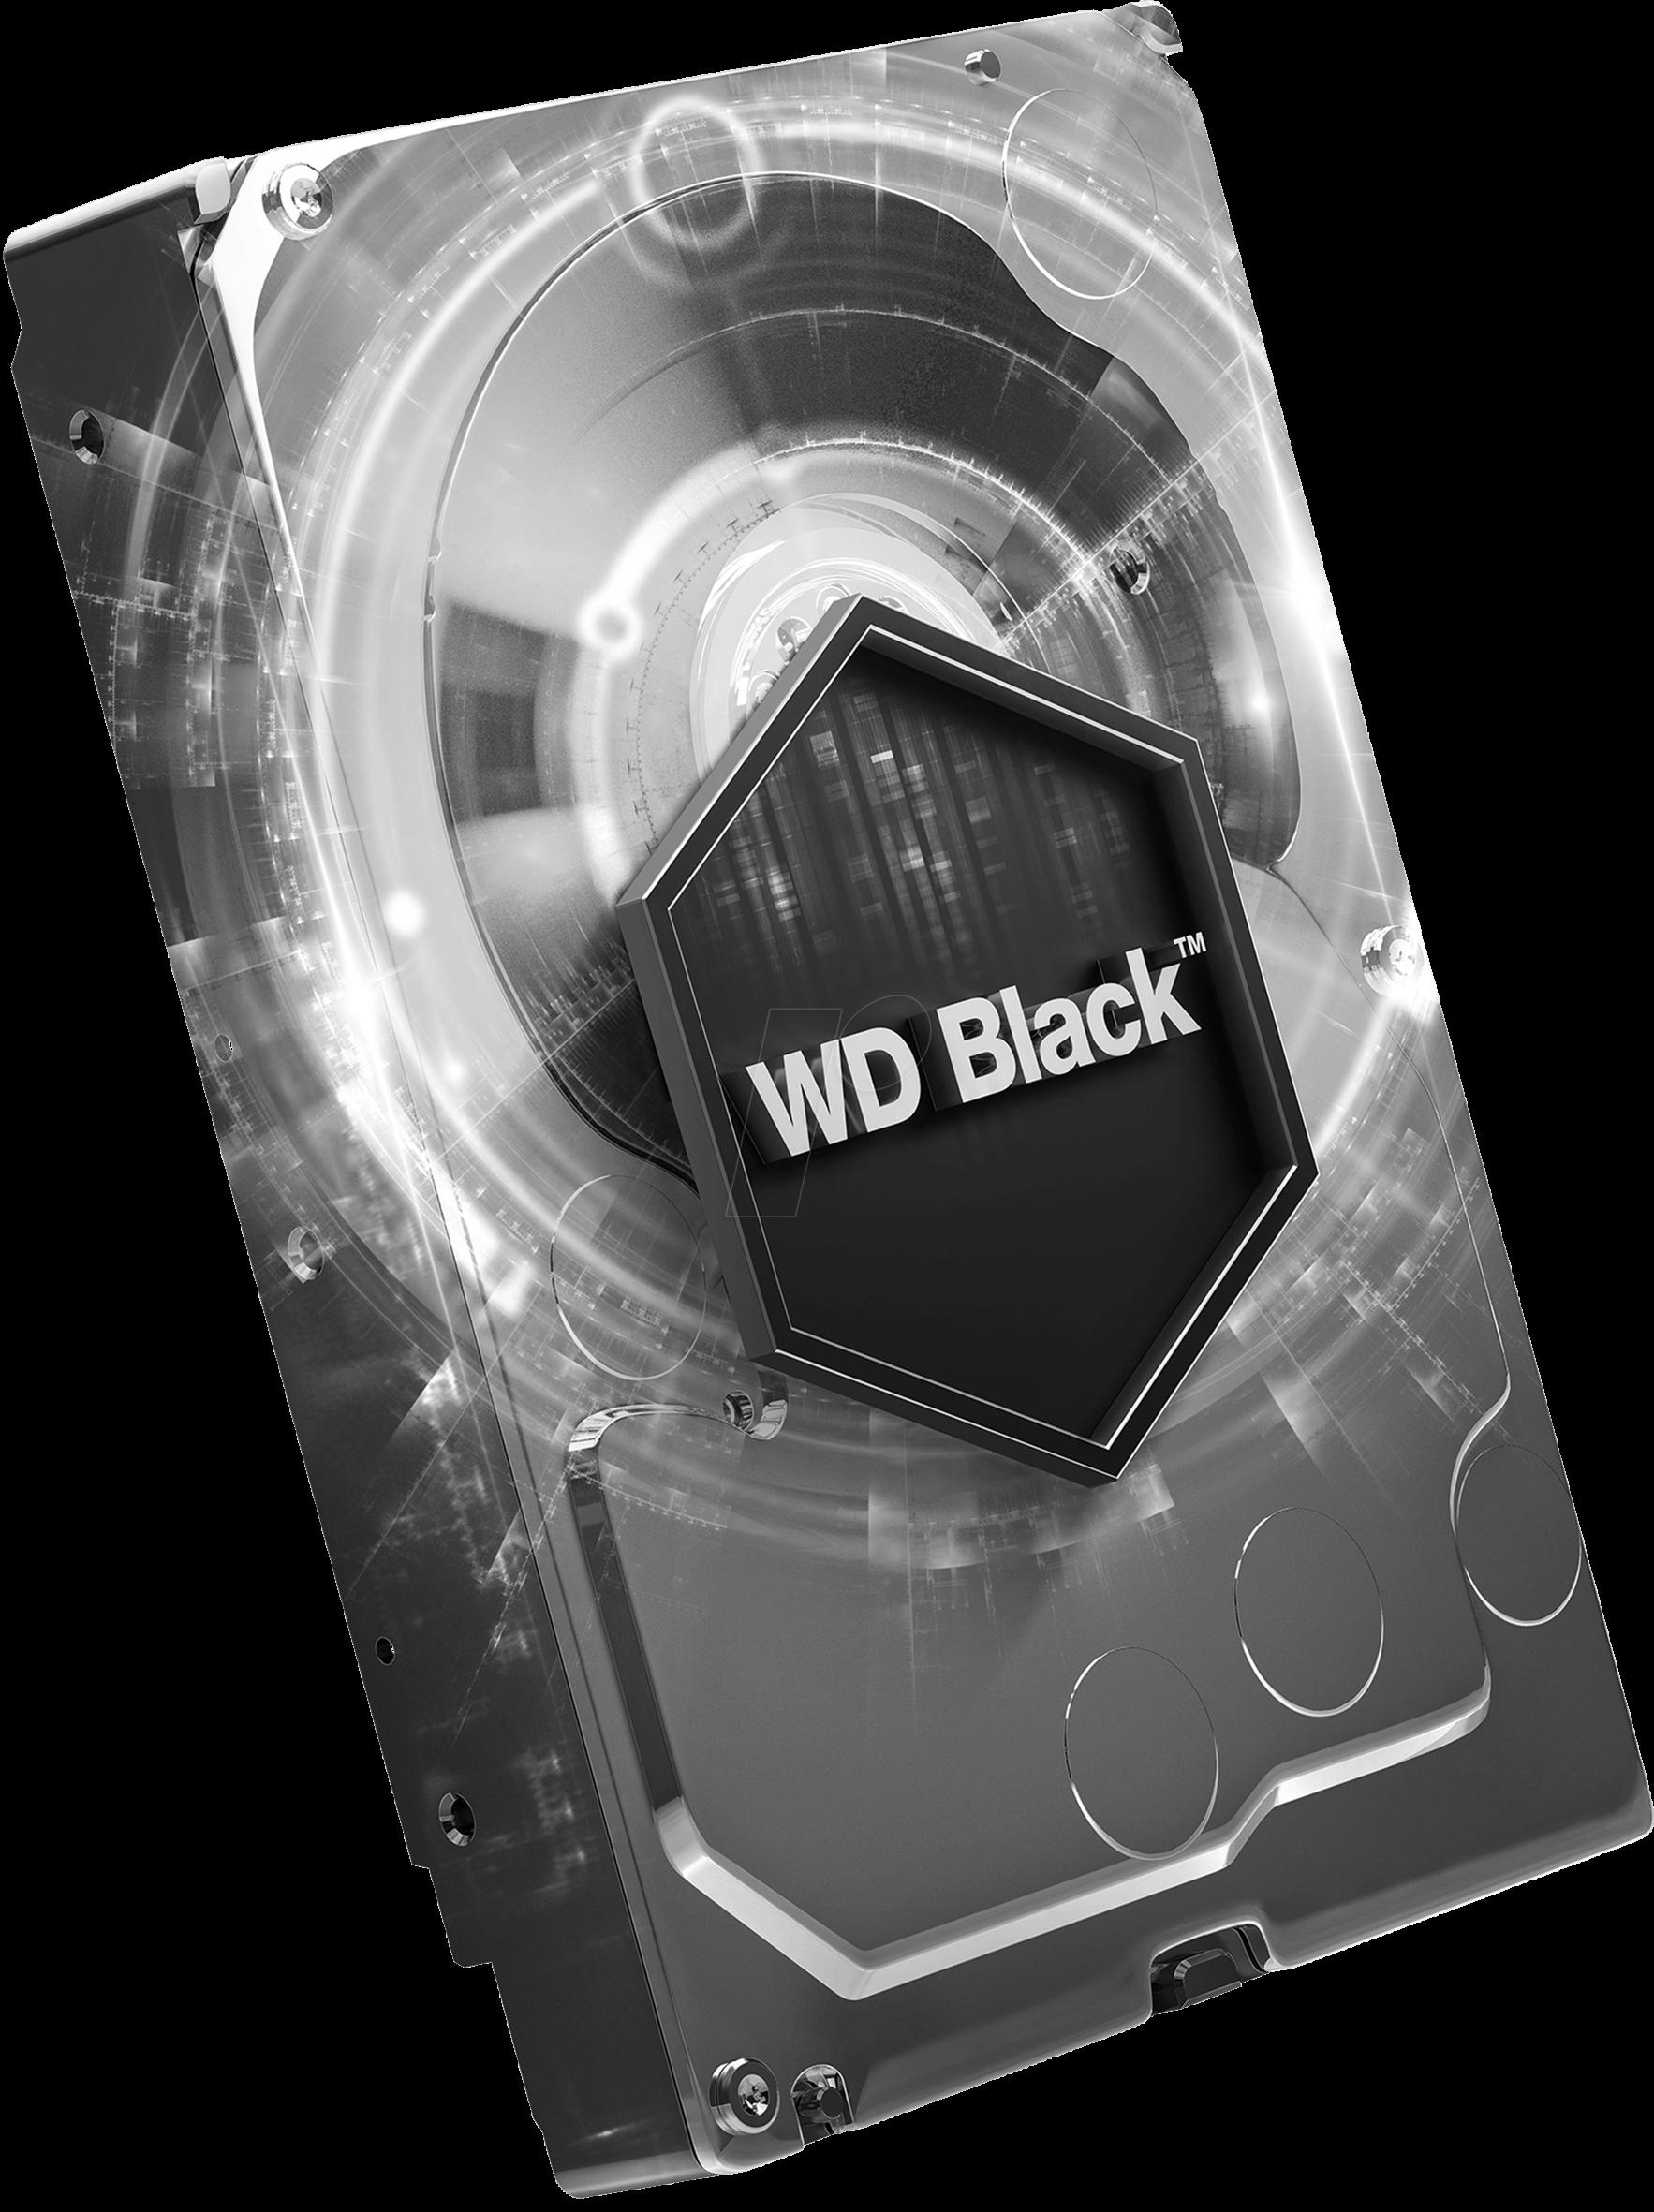 https://cdn-reichelt.de/bilder/web/xxl_ws/E600/WD_BLACK_SERIE_01.png